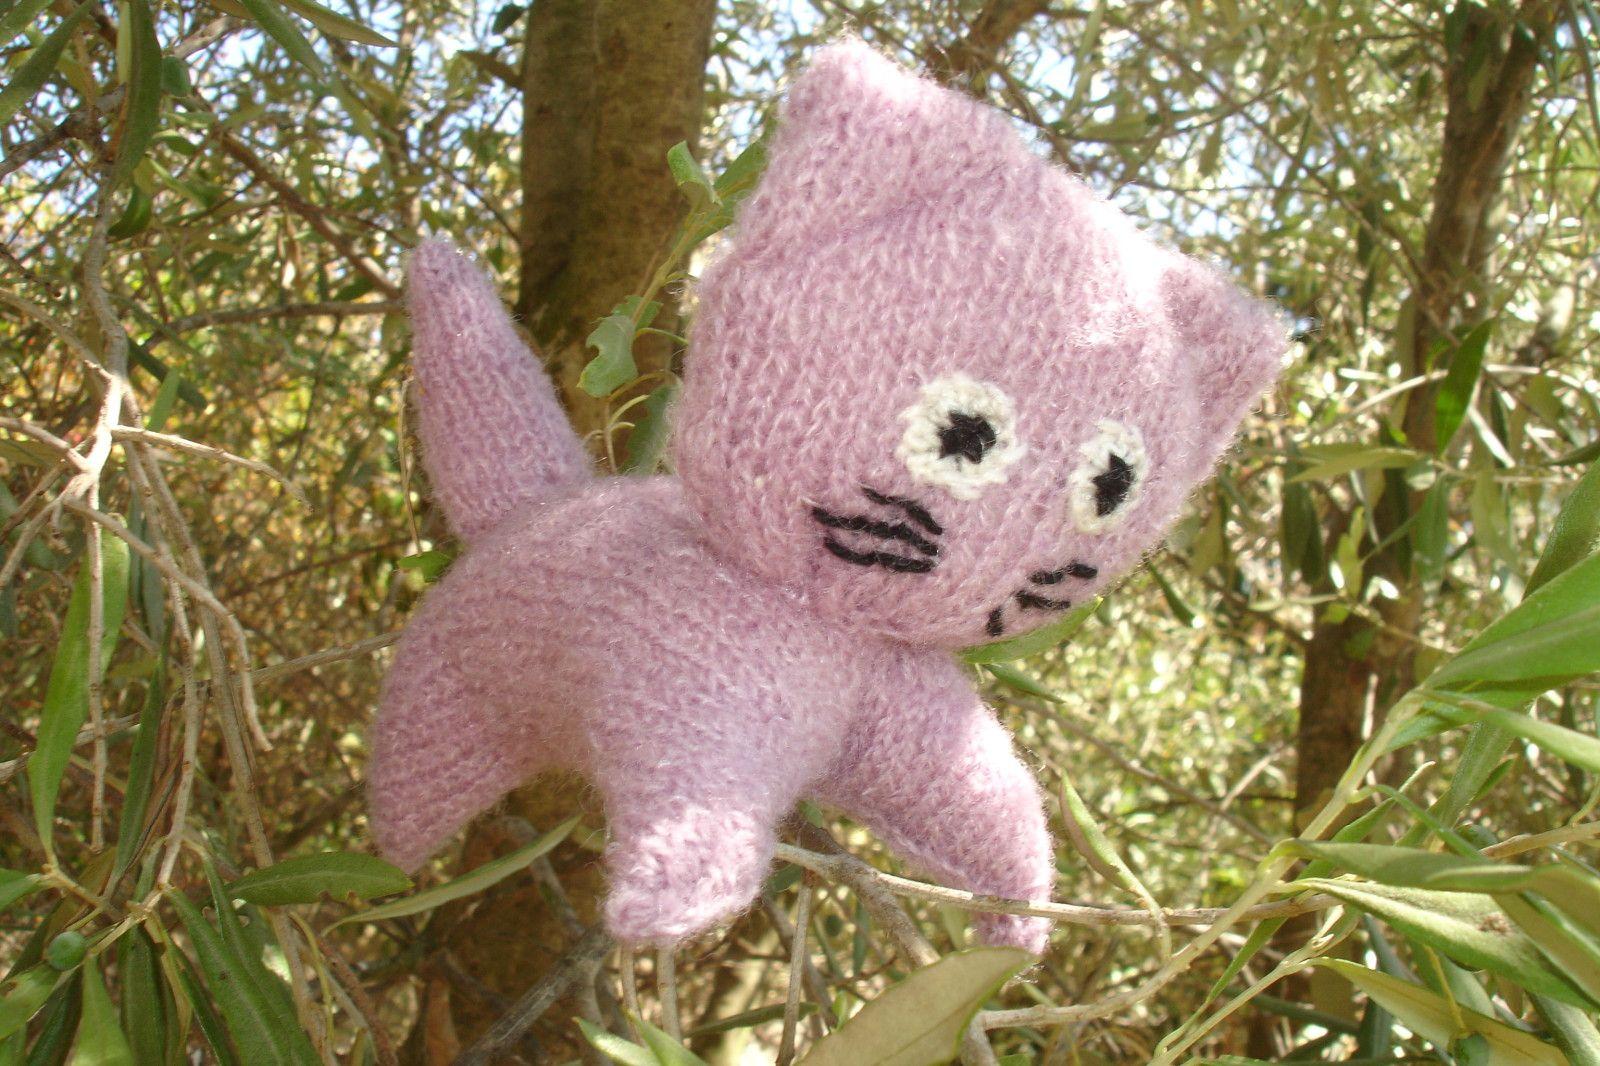 modeles gratuits tricot | Tricot | Modele tricot gratuit, Tricot, Tuto gratuit